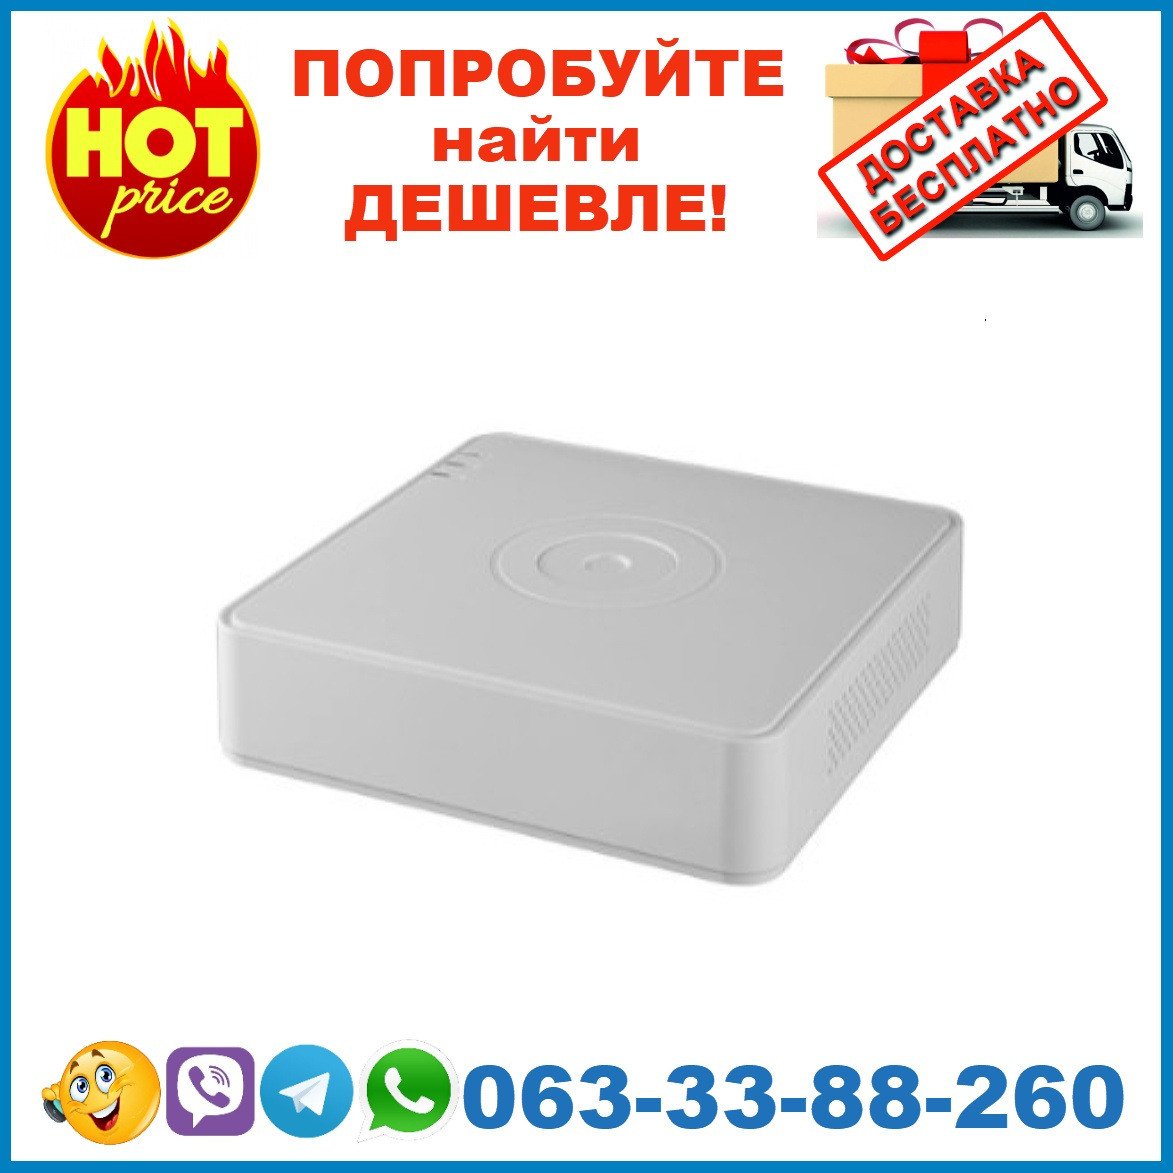 DS-7104HUHI-K1(S)  4-канальный Turbo HD видеорегистратор с поддержкой аудио по коаксиалу